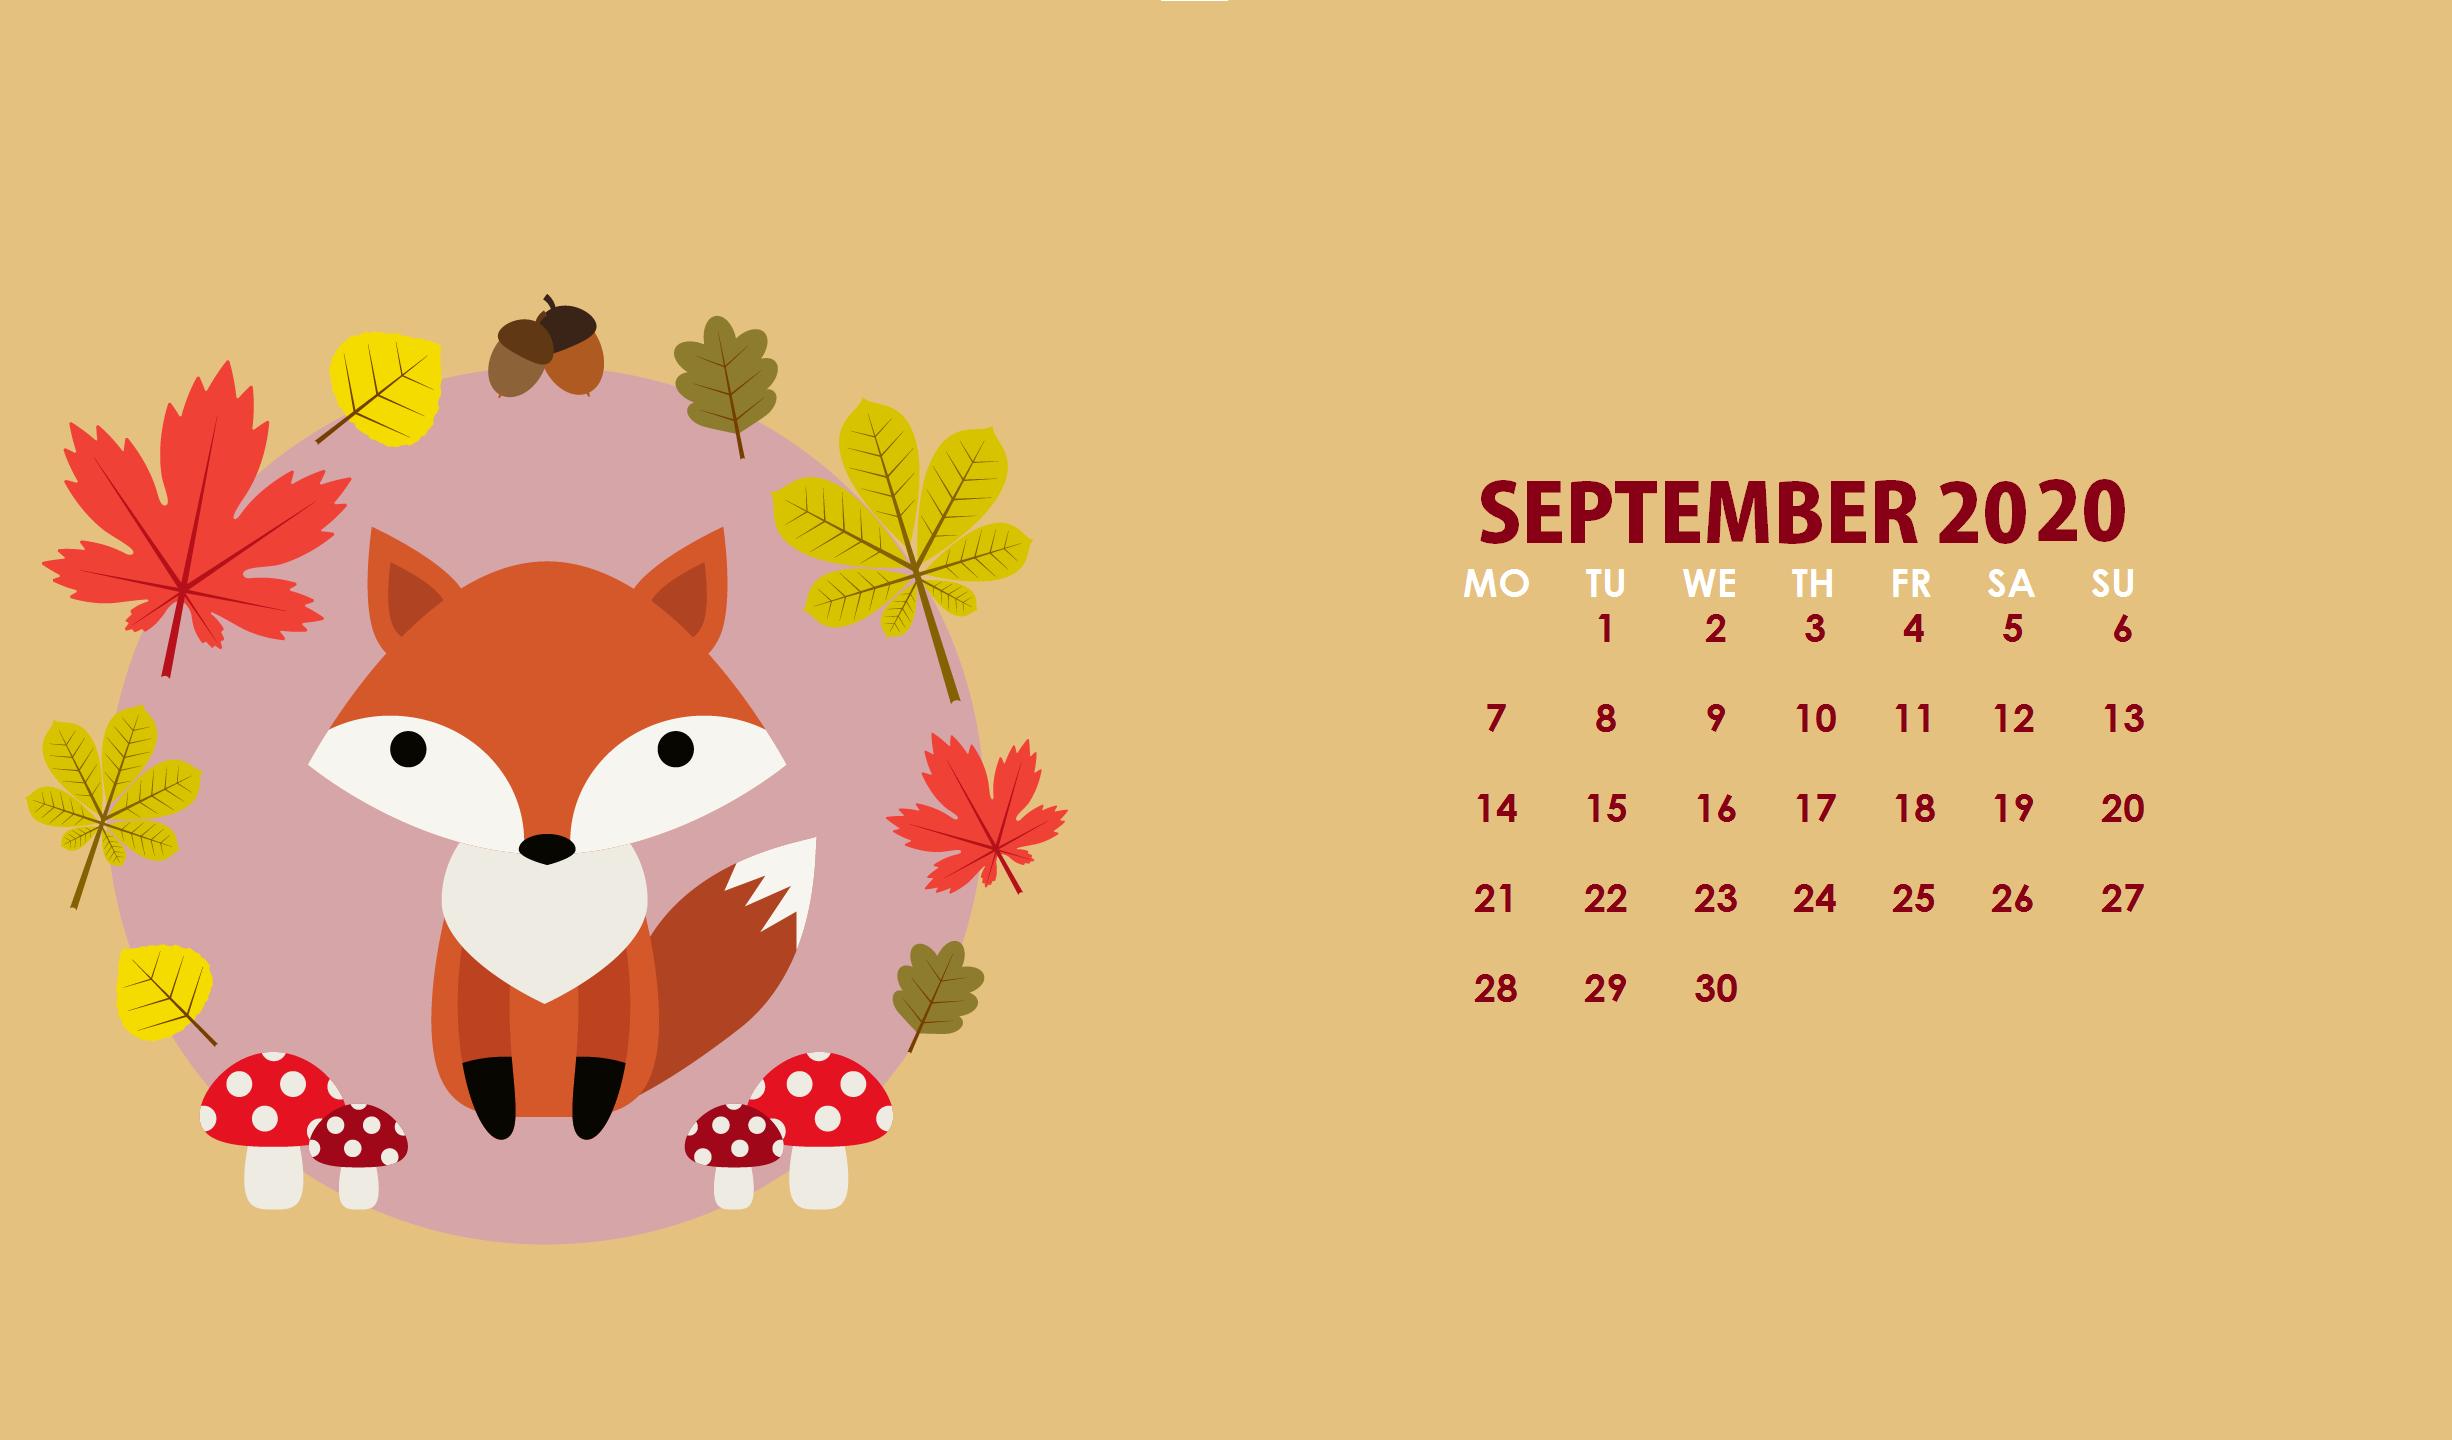 September 2020 Calendar Wallpapers Wallpaper Cave